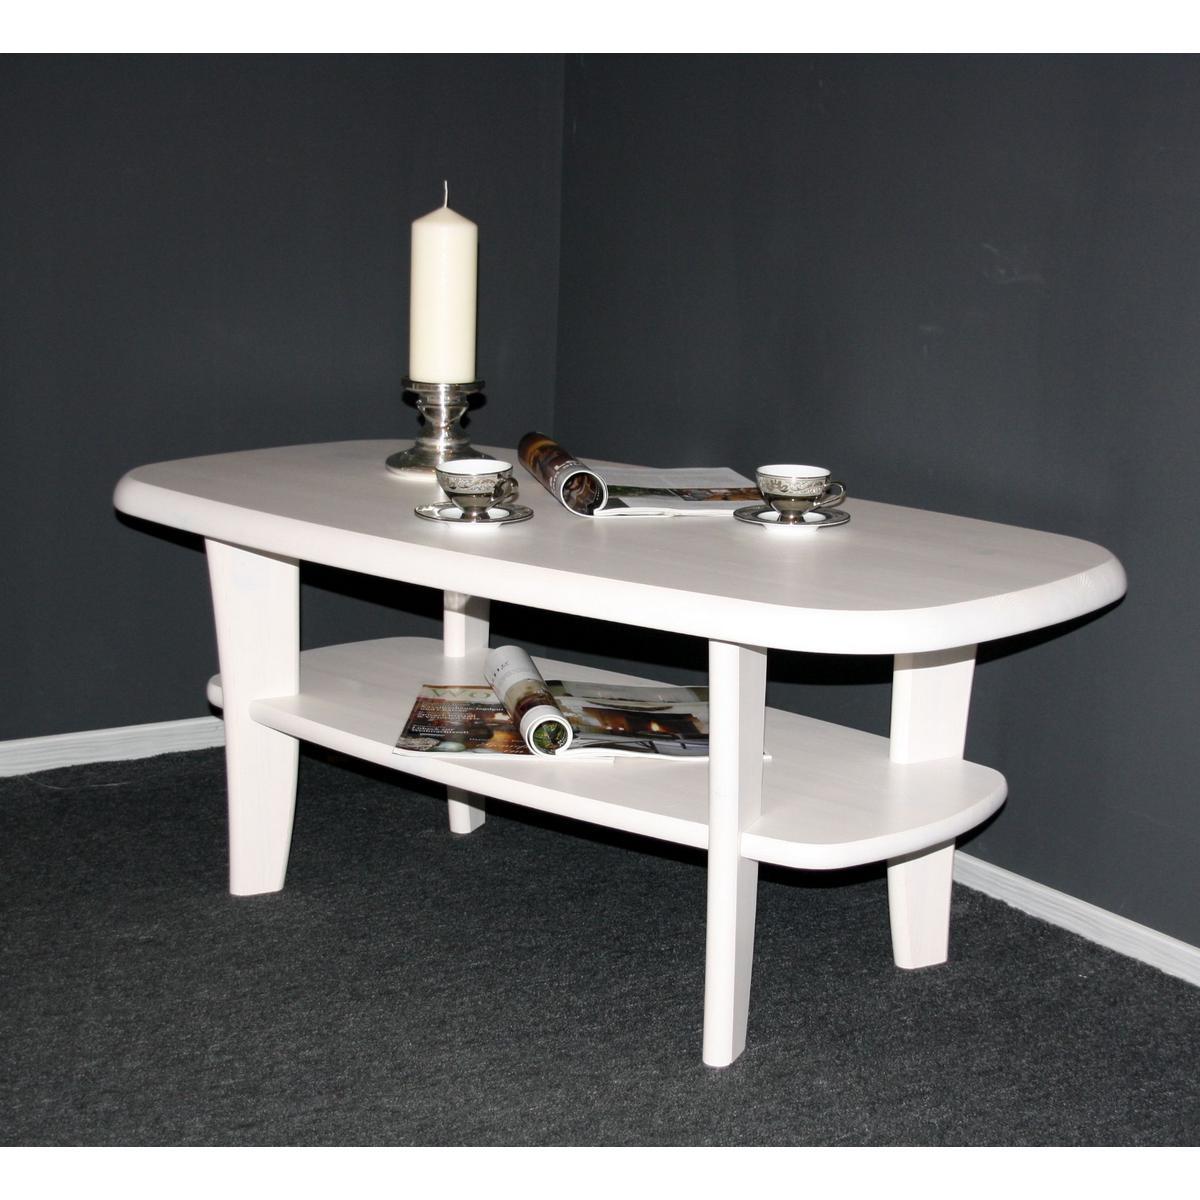 vollholz couchtisch mit ablage oval wei lasiert 116x61. Black Bedroom Furniture Sets. Home Design Ideas